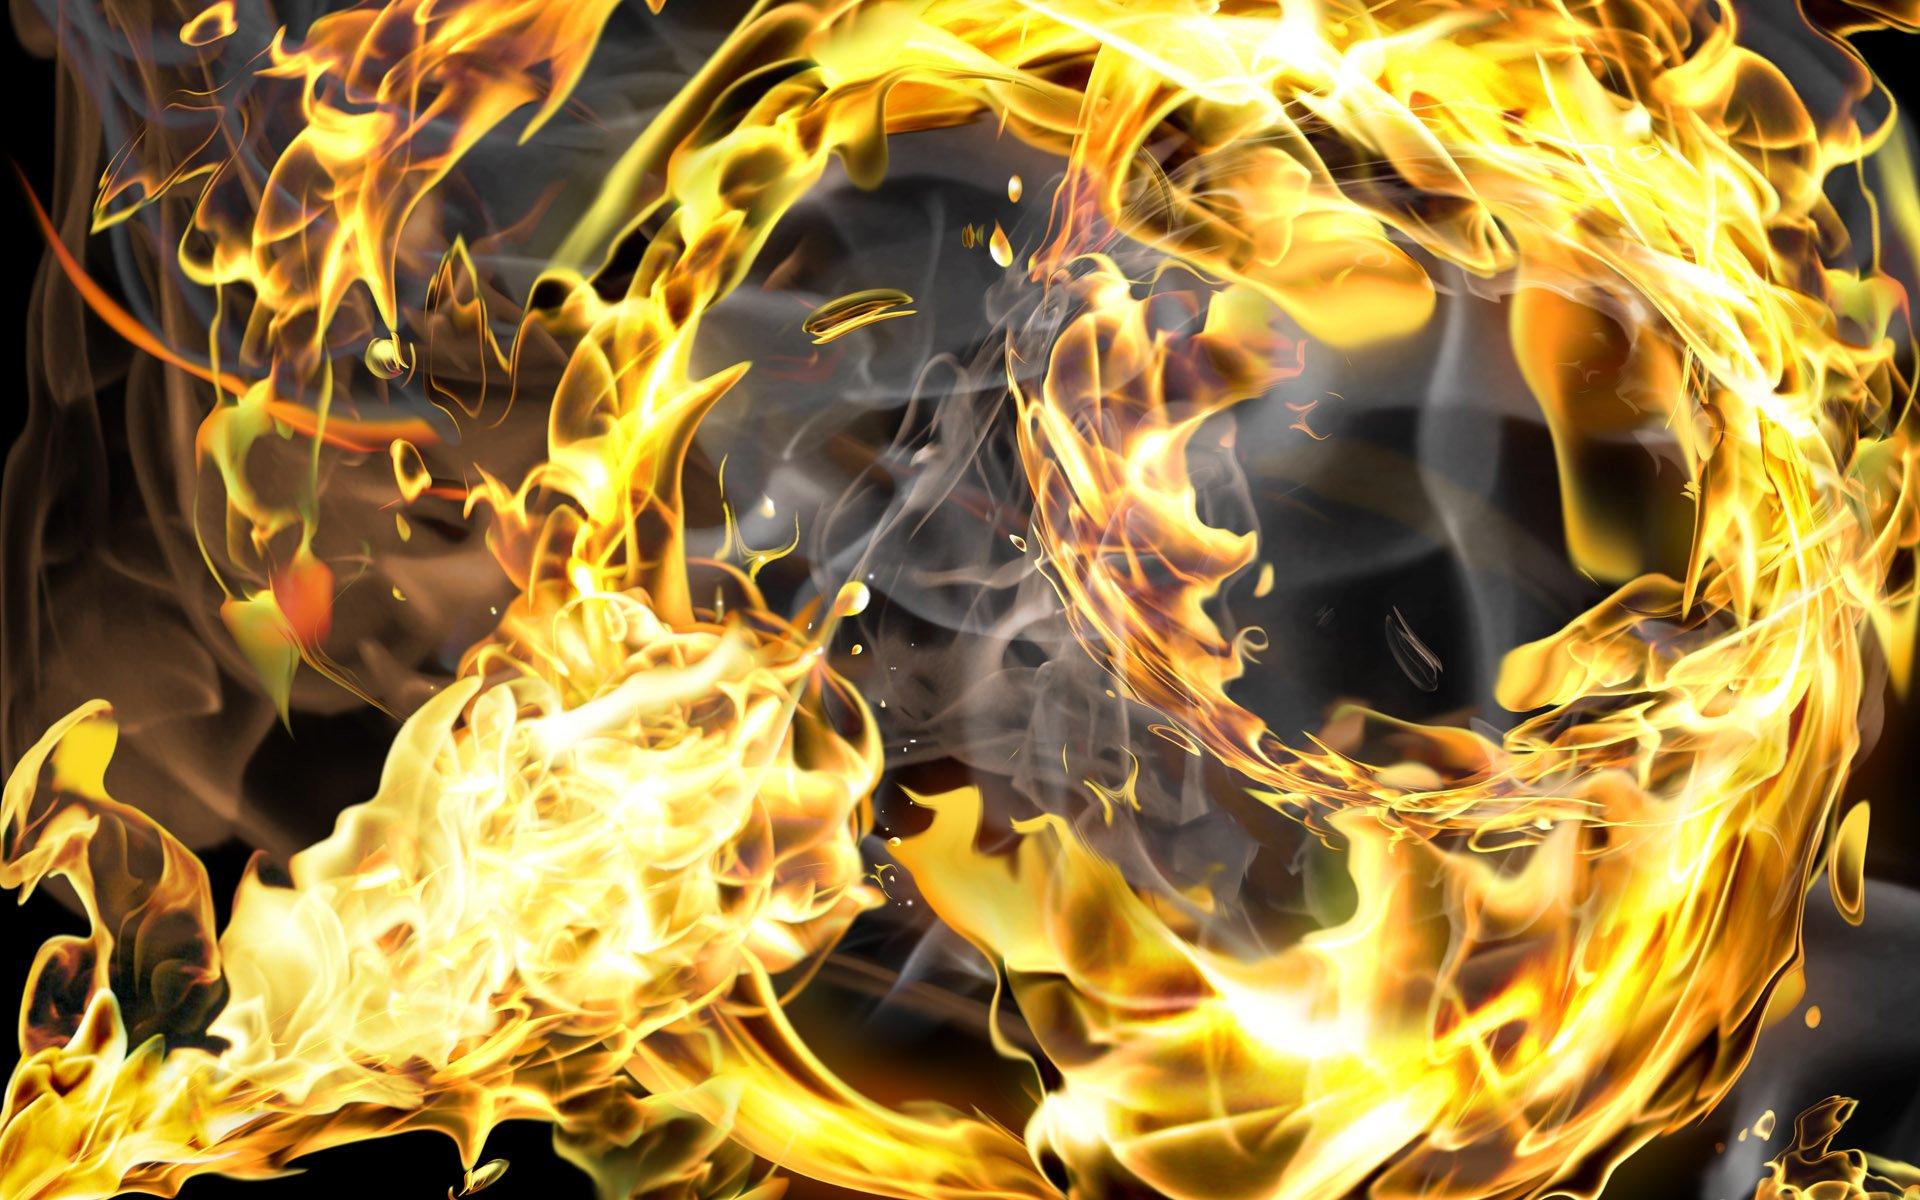 Cool Fire Wallpaper